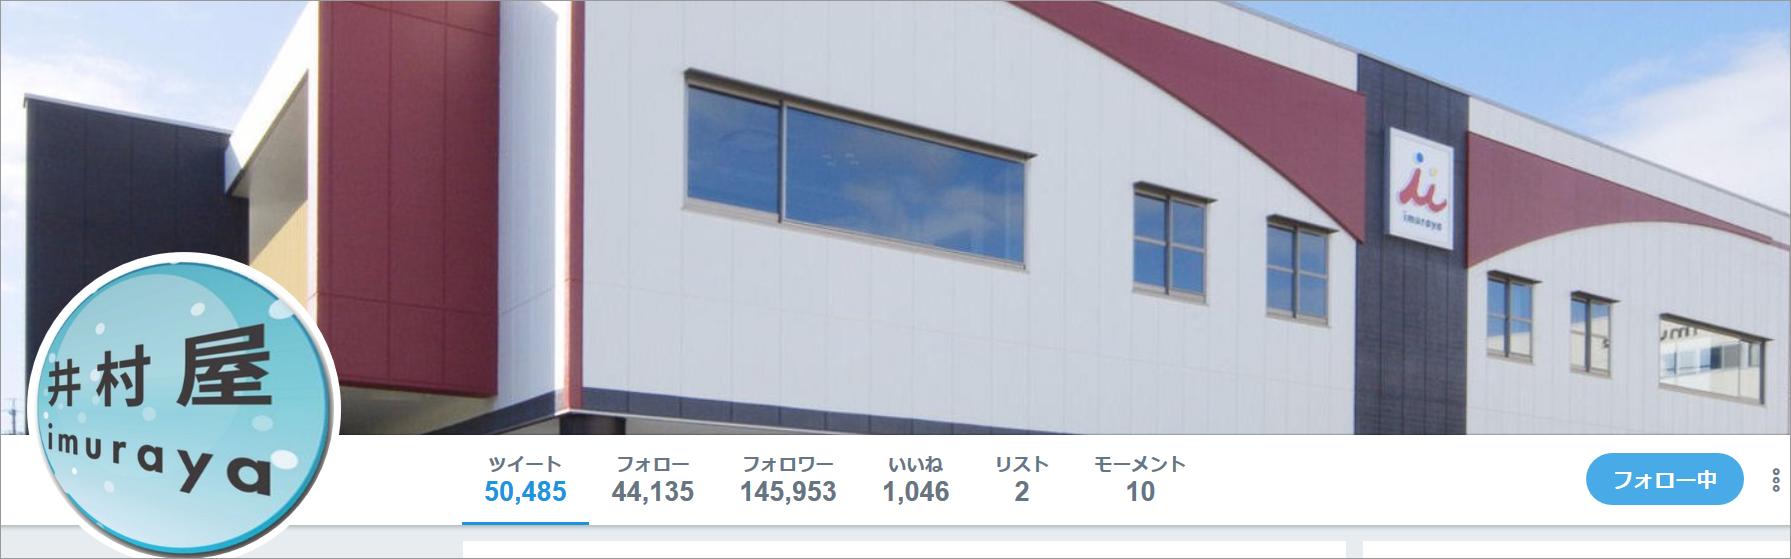 井村屋Twitterアカウント画面イメージ